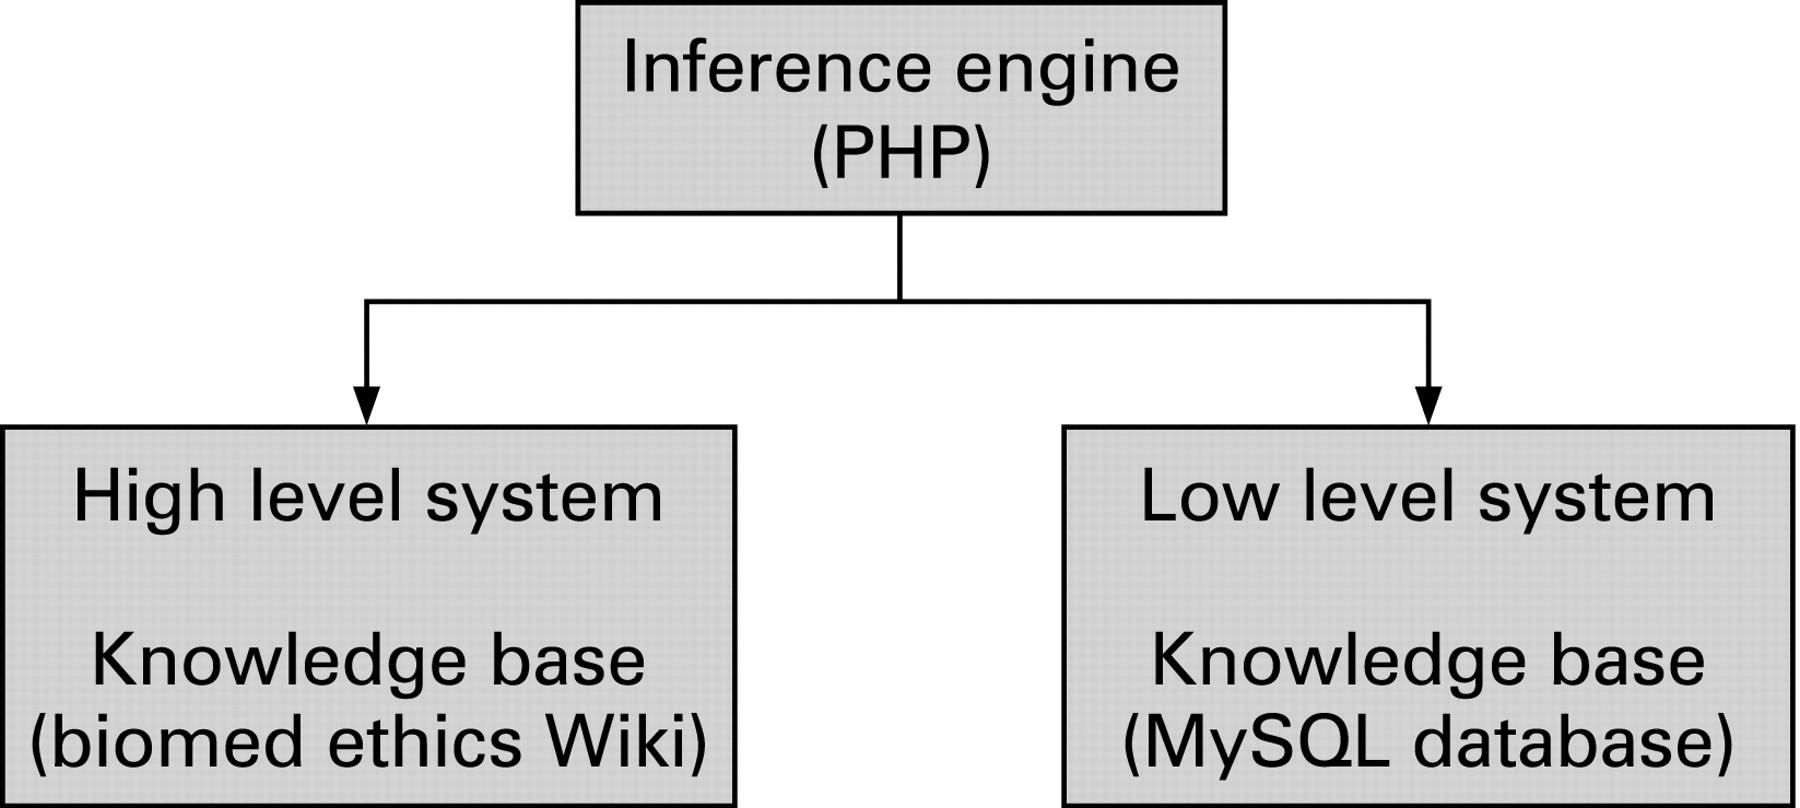 database ethics